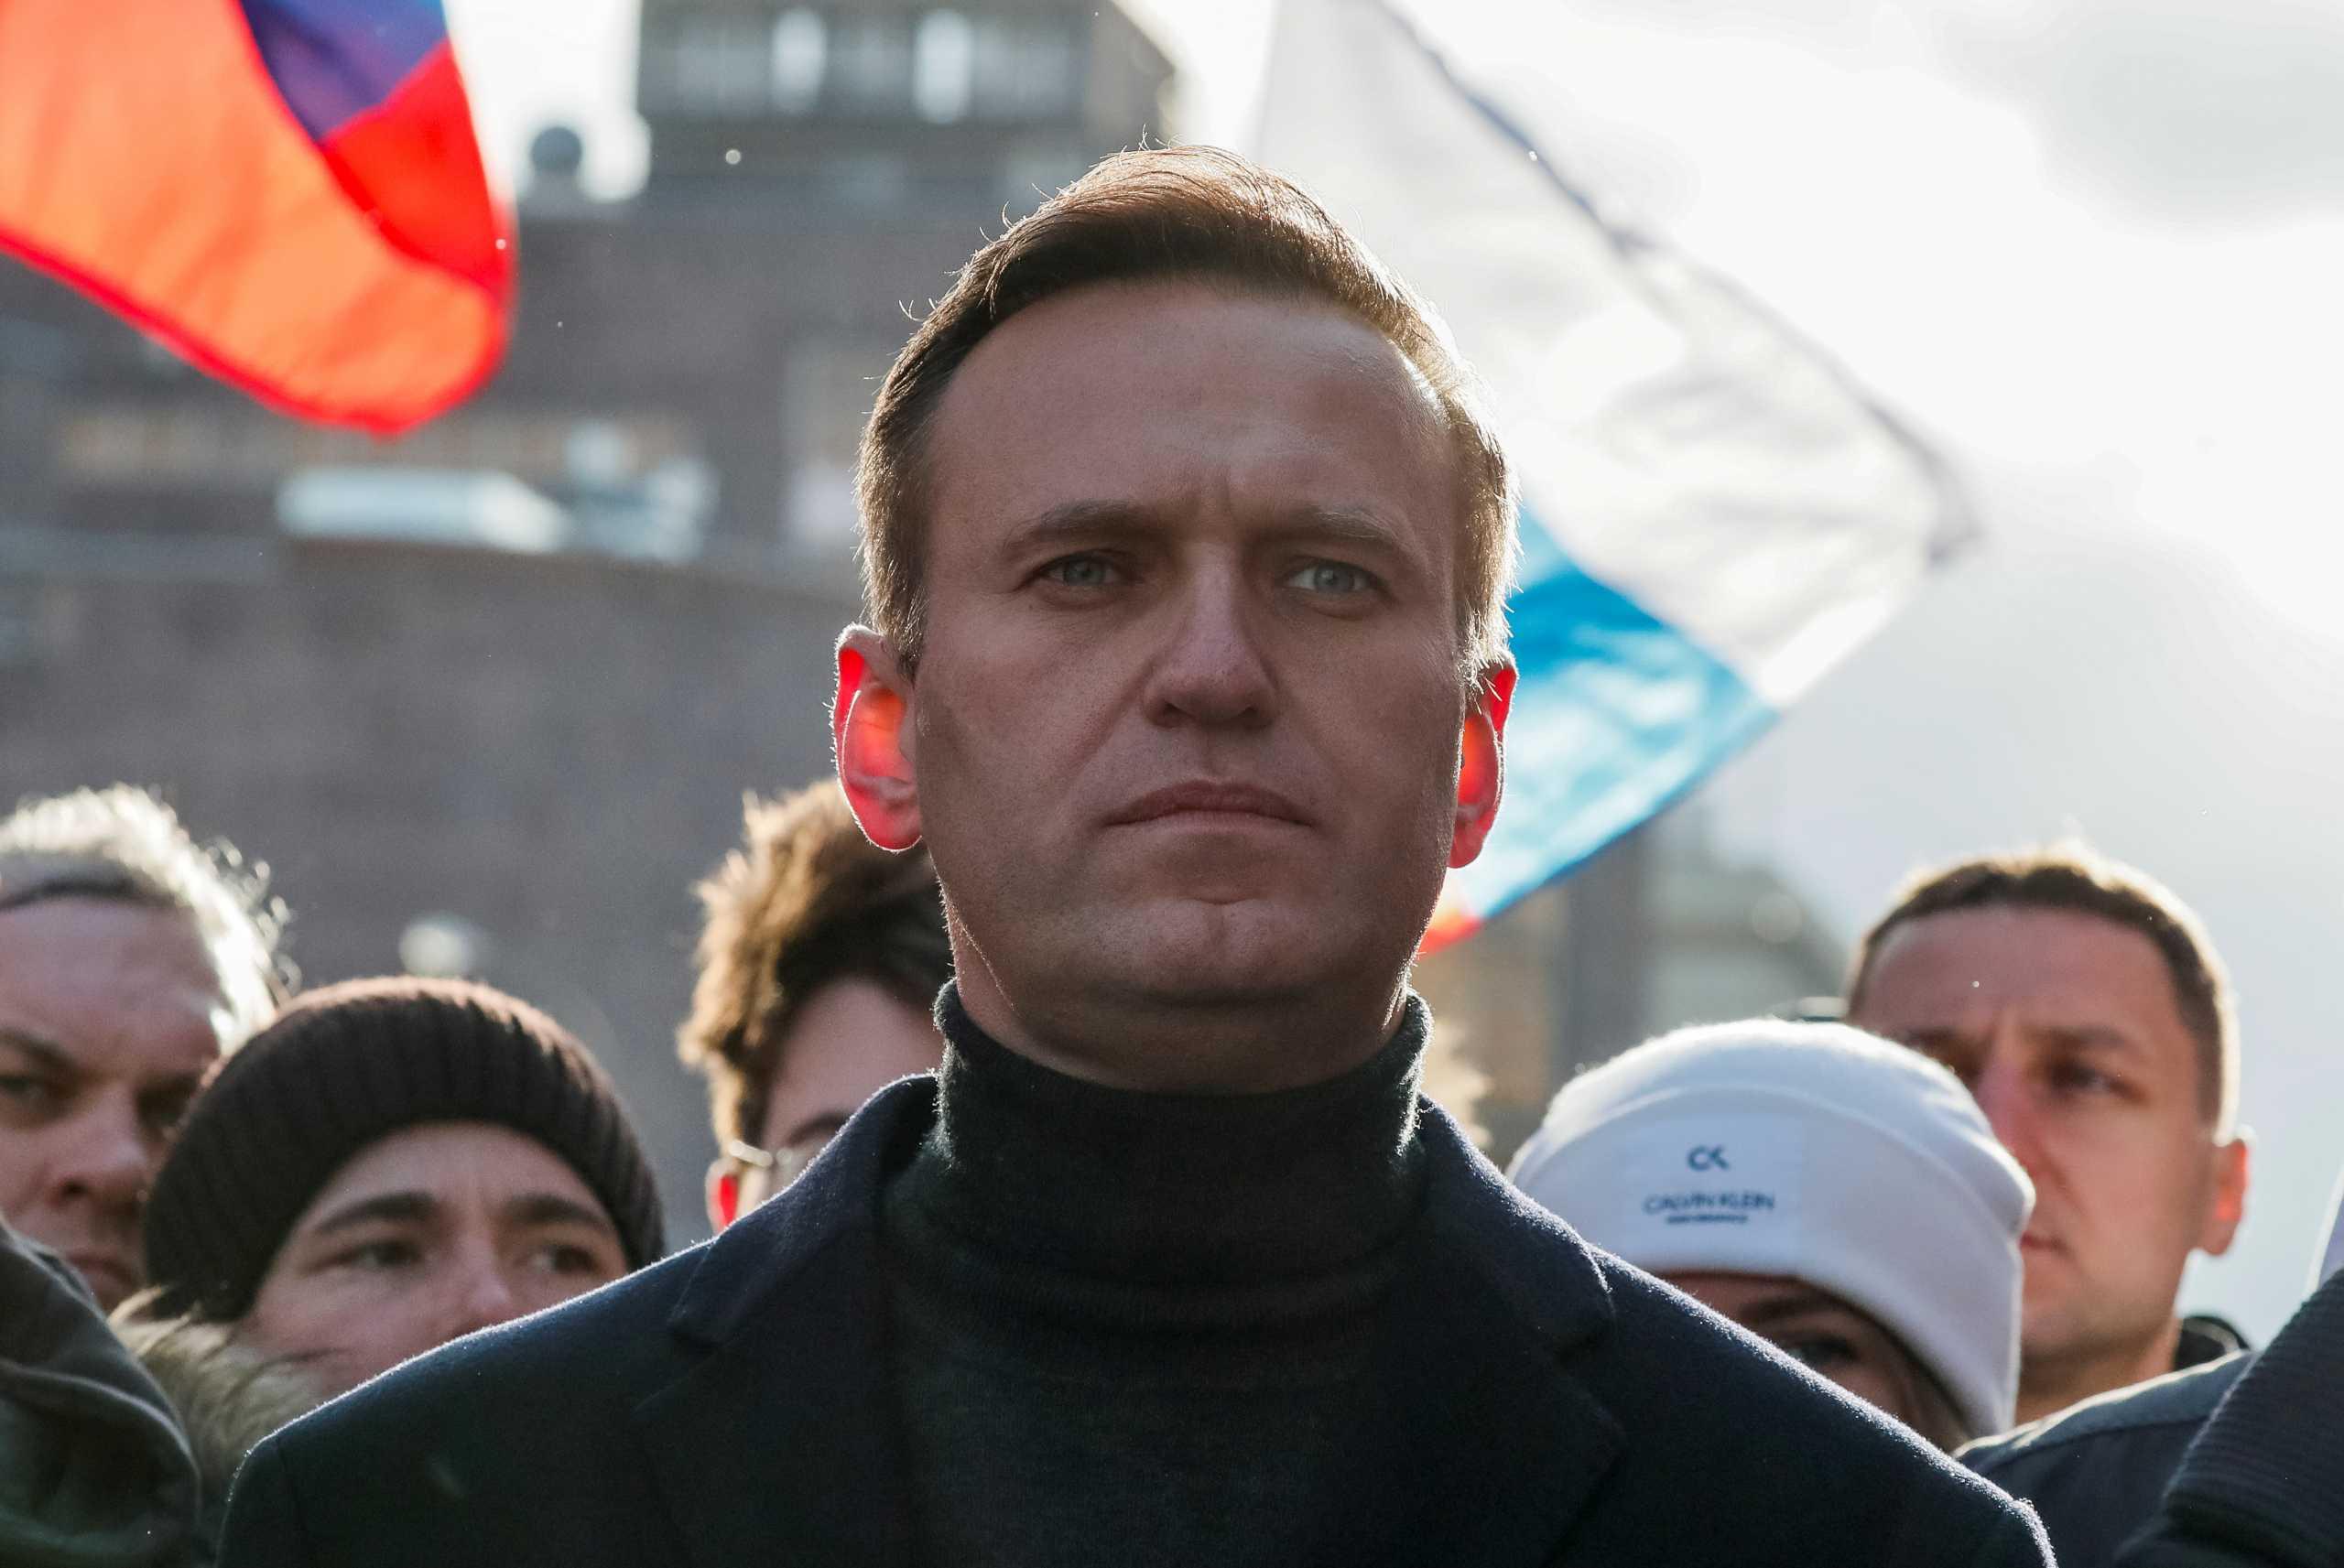 Αλεξέι Ναβάλνι: Η Διεθνής Αμνηστία καλεί την Άνγκελα Μέρκελ να μεσολαβήσει στον Βλαντιμίρ Πούτιν